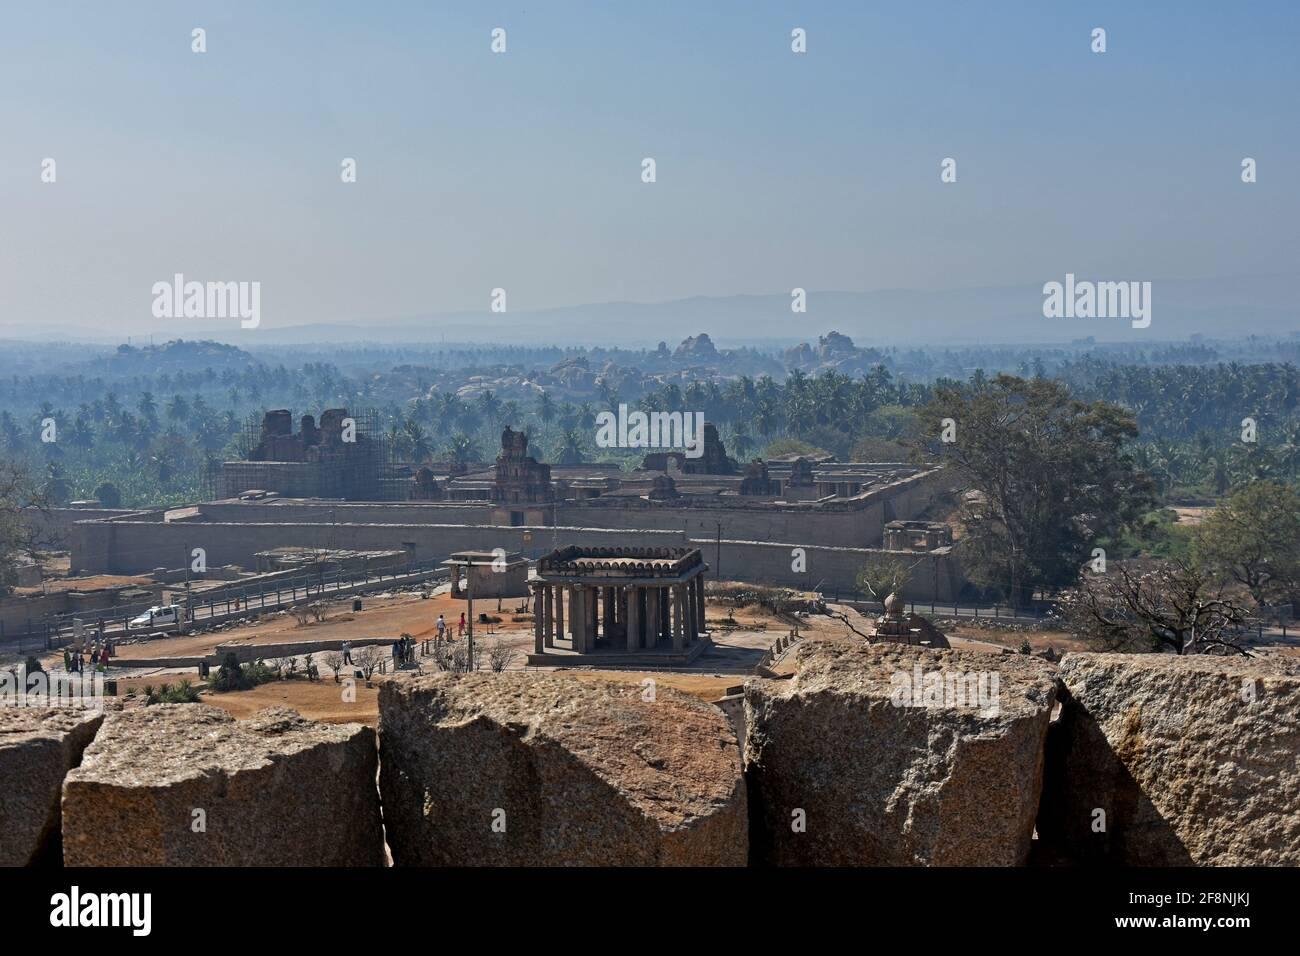 Vista desde arriba estatua de Ganesha, la arquitectura antigua del imperio Vijayanagara del siglo 14th en Hampi es un lugar declarado Patrimonio de la Humanidad por la UNESCO Foto de stock